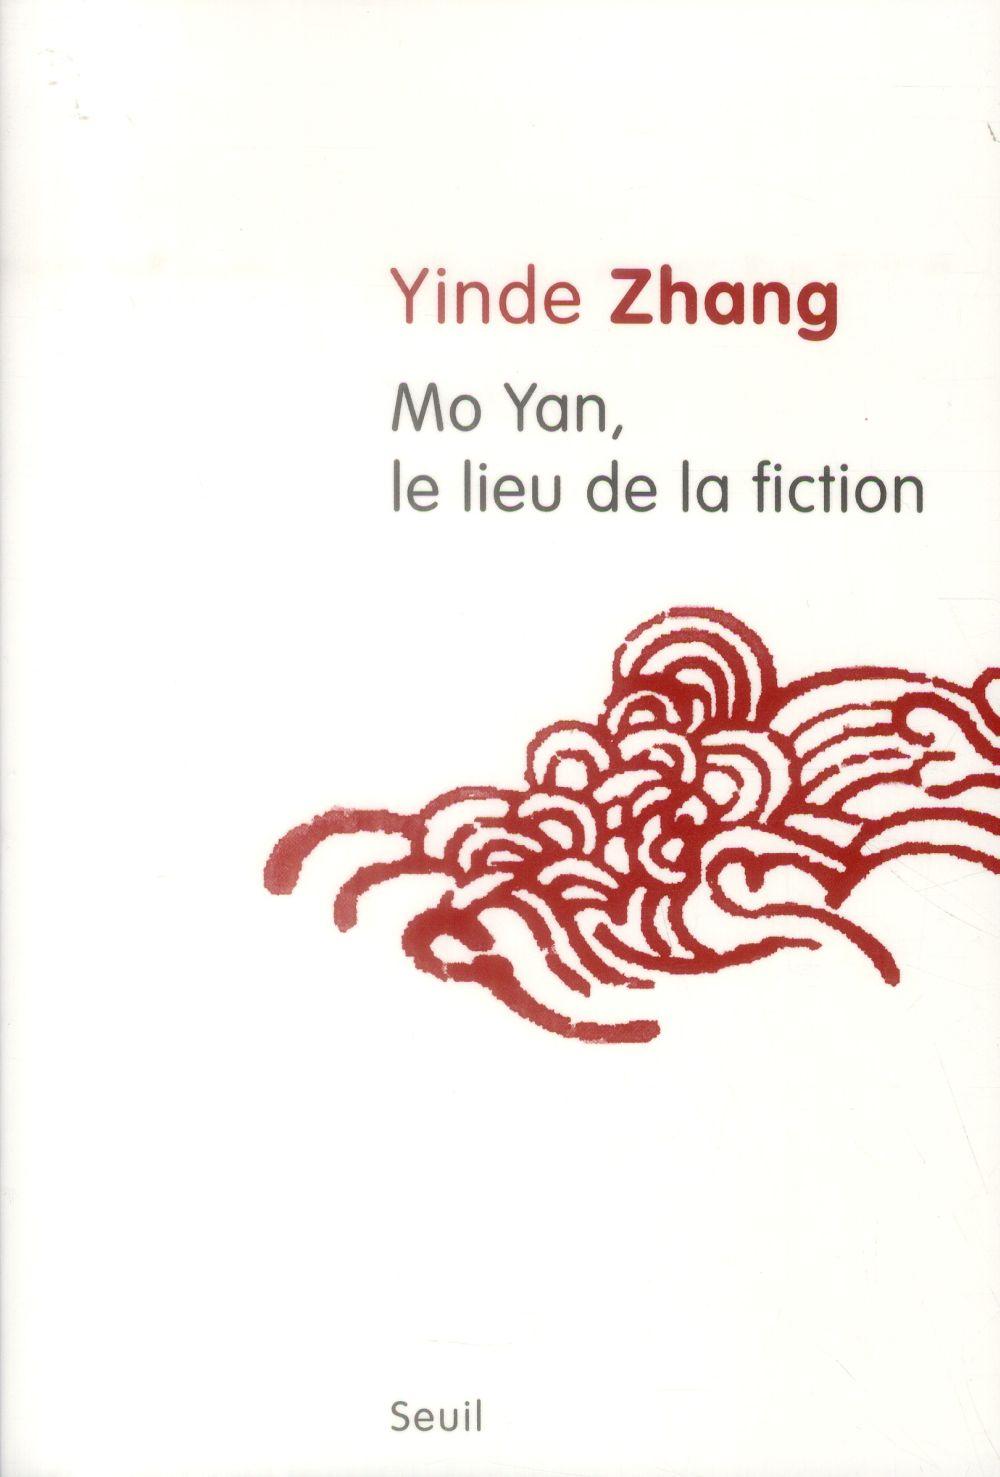 Mo Yan, le lieu de la fiction